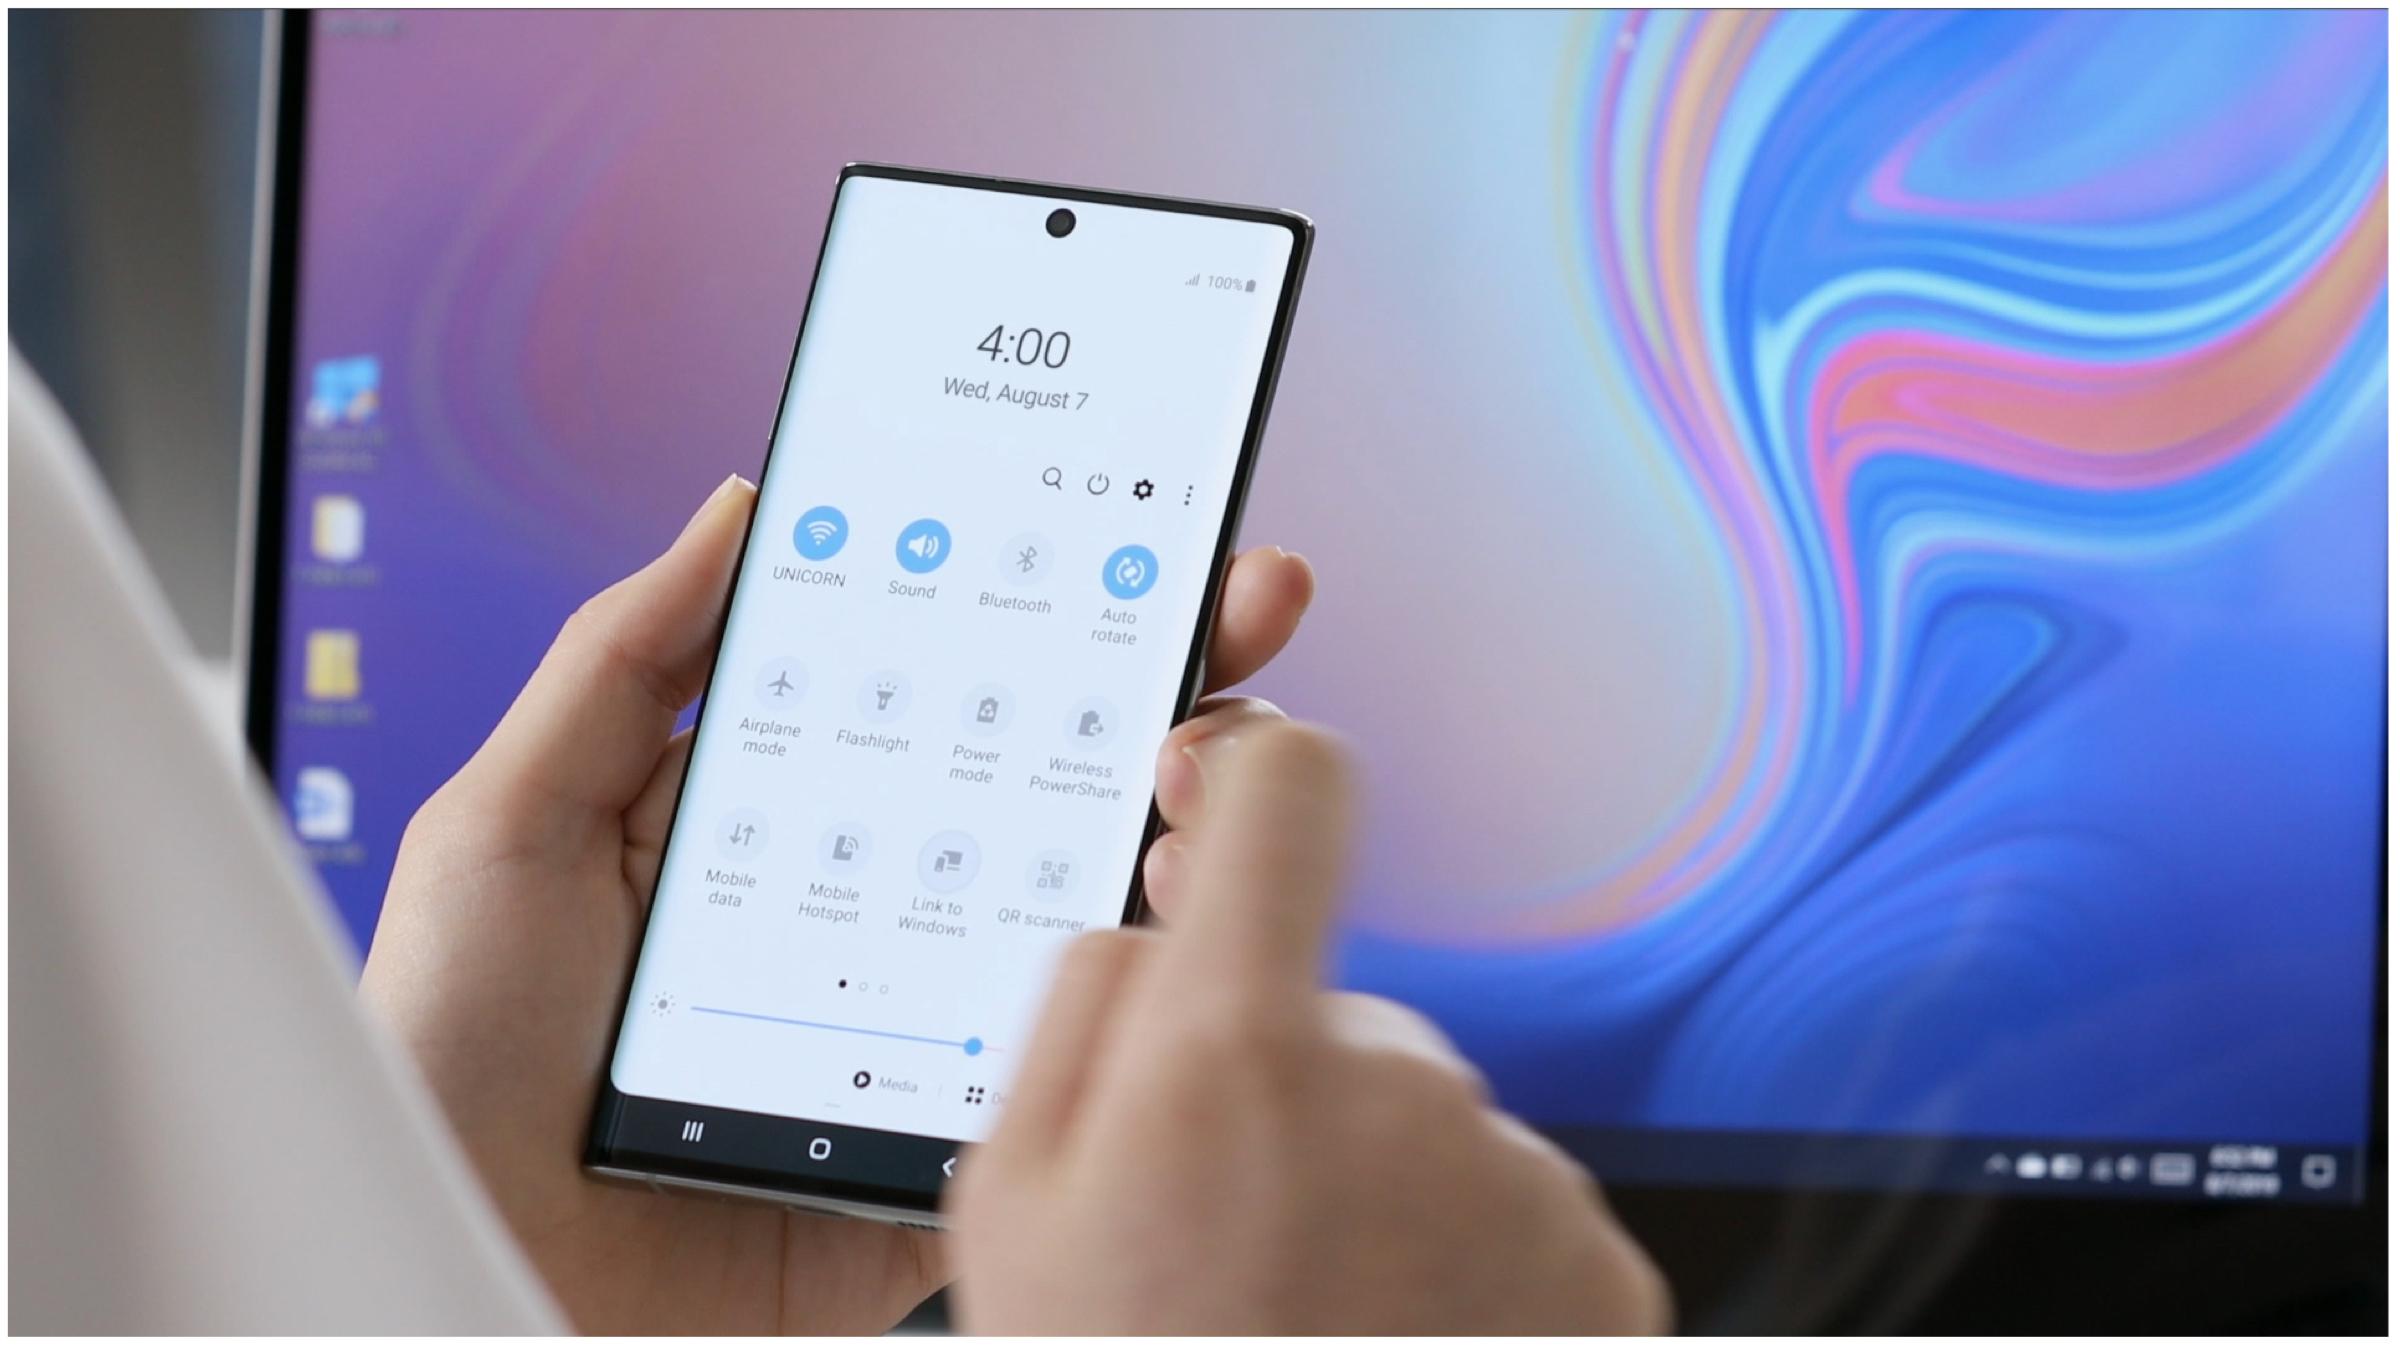 OnePlus 7 Pro Vs Galaxy Note 10+, welches solltest du wählen? 1